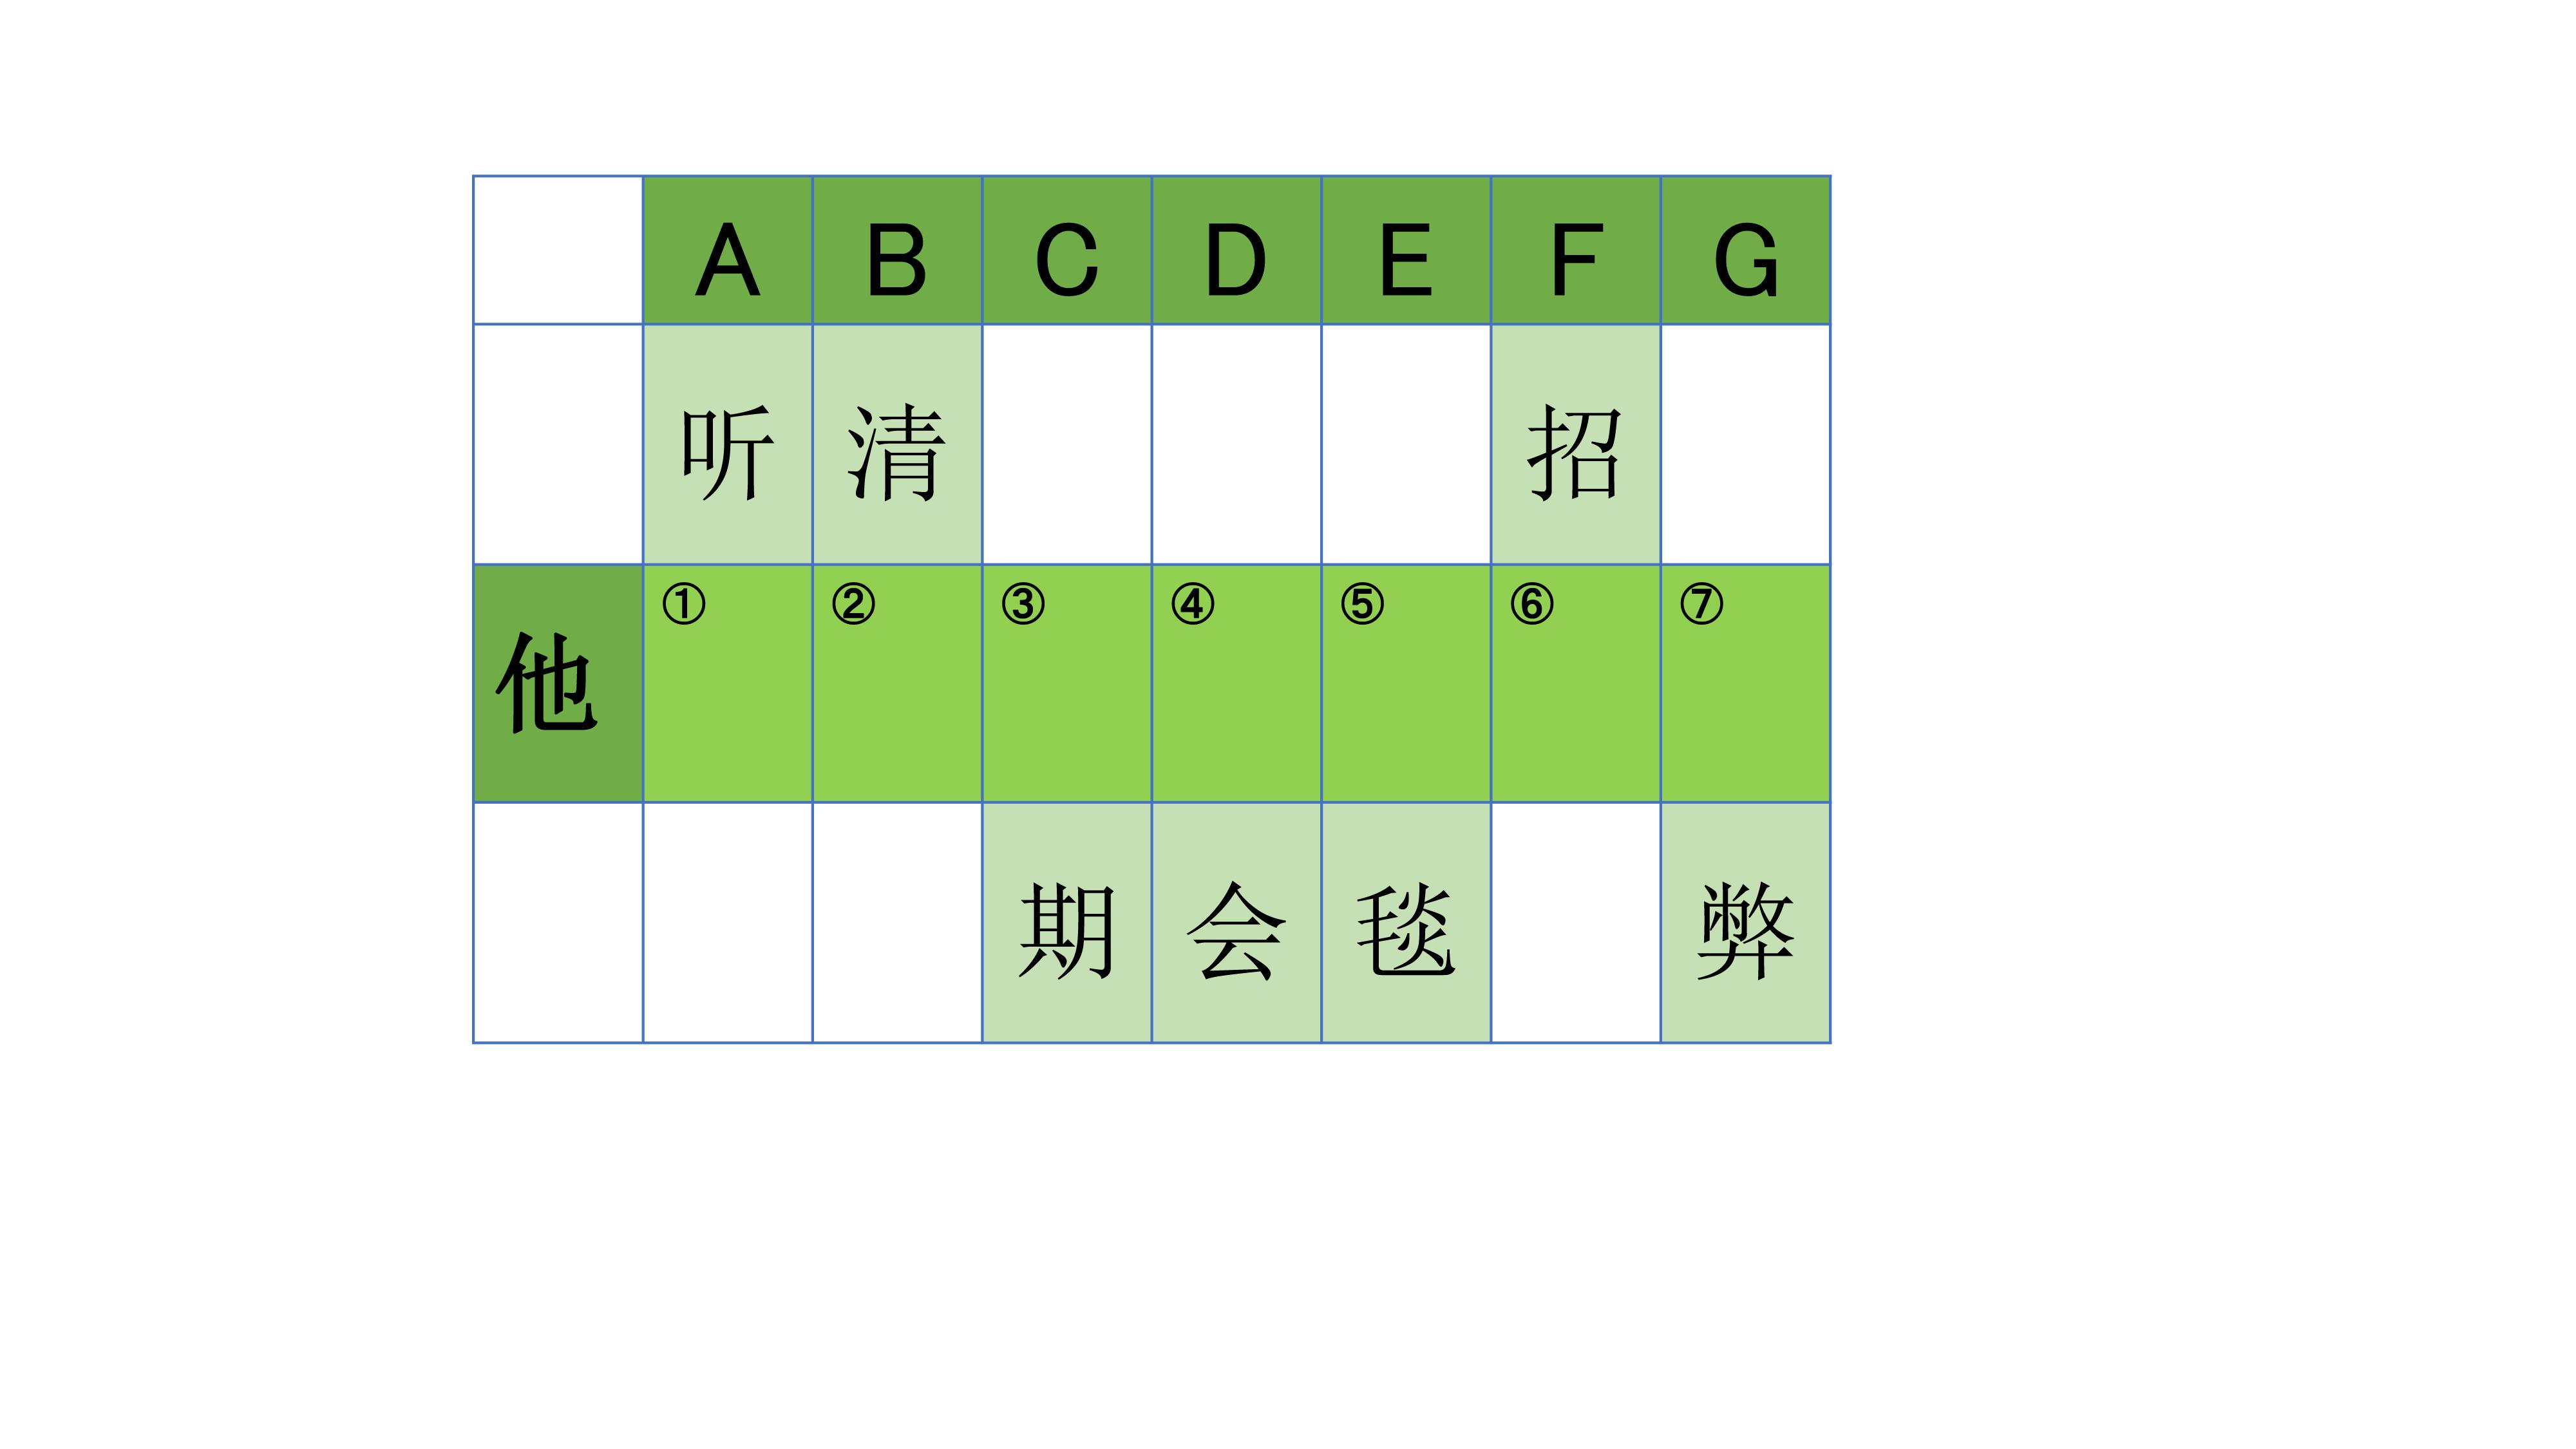 中国語でワードパズル チャイトレ 第7回 駿河台出版社